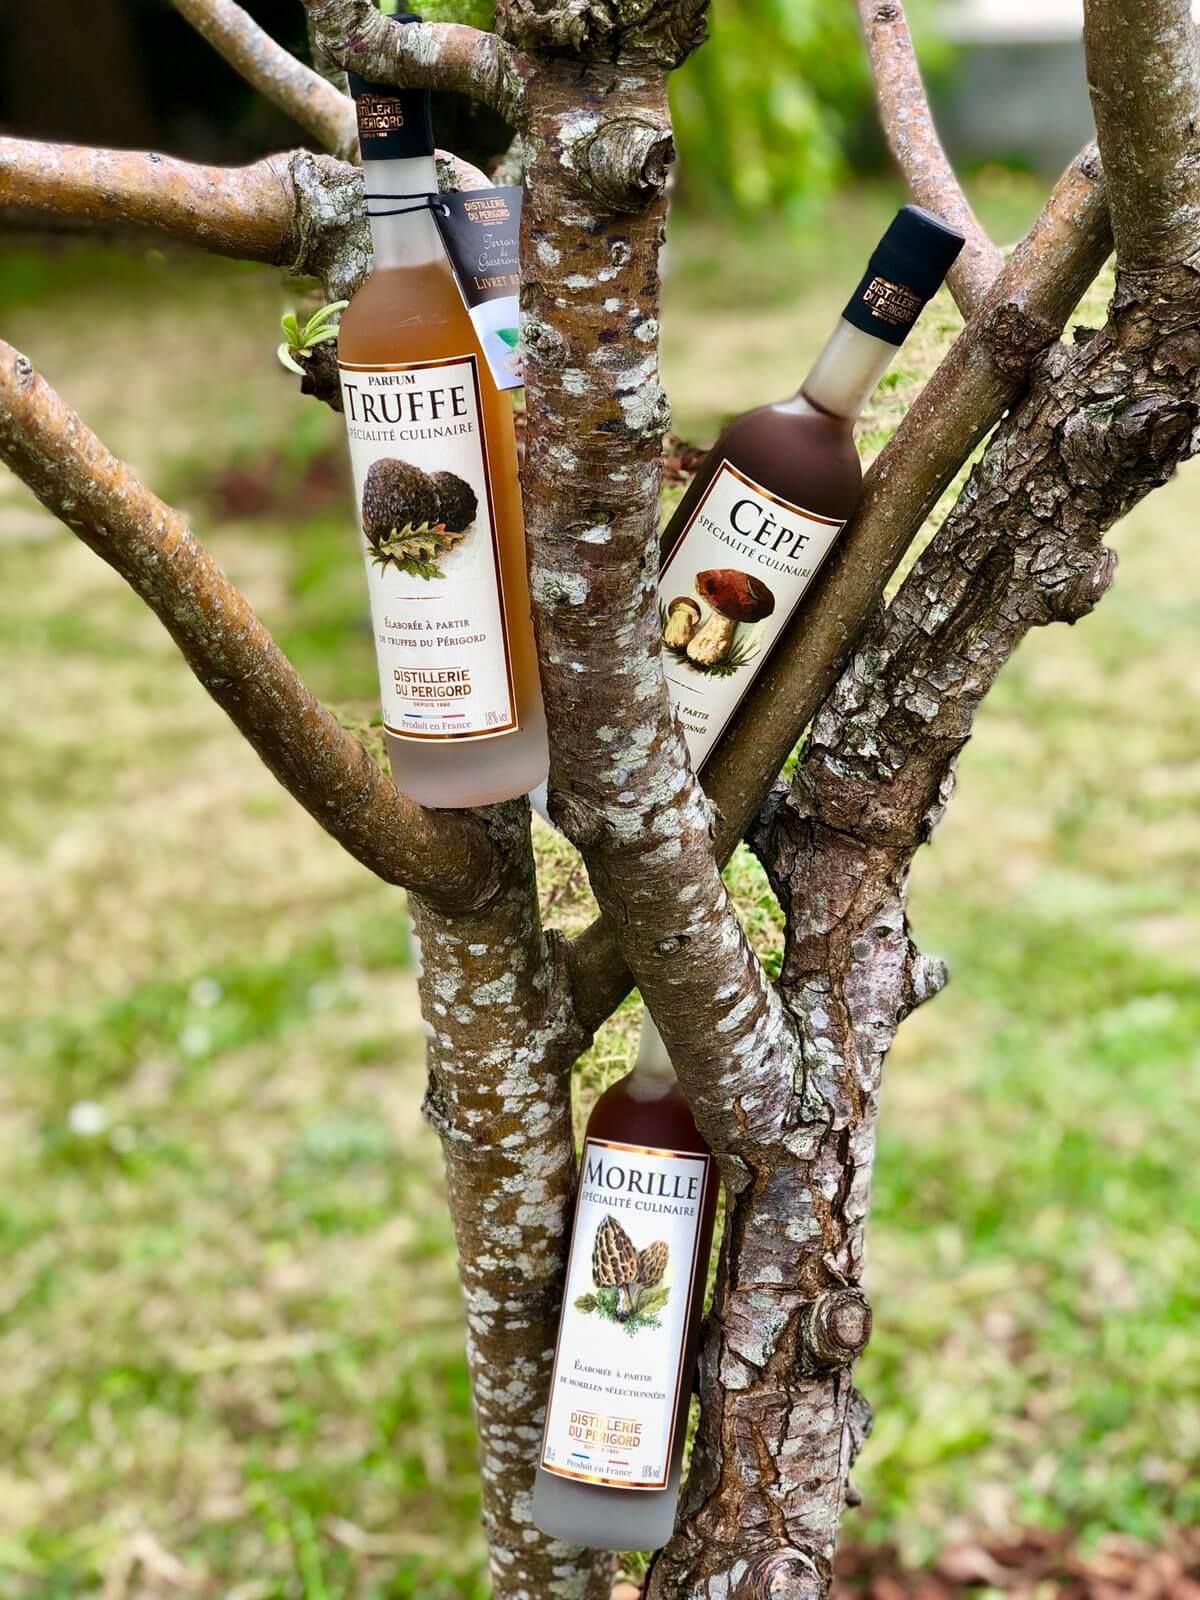 Porto Dix Vins – Cave à vins et spiritueux à Esperce